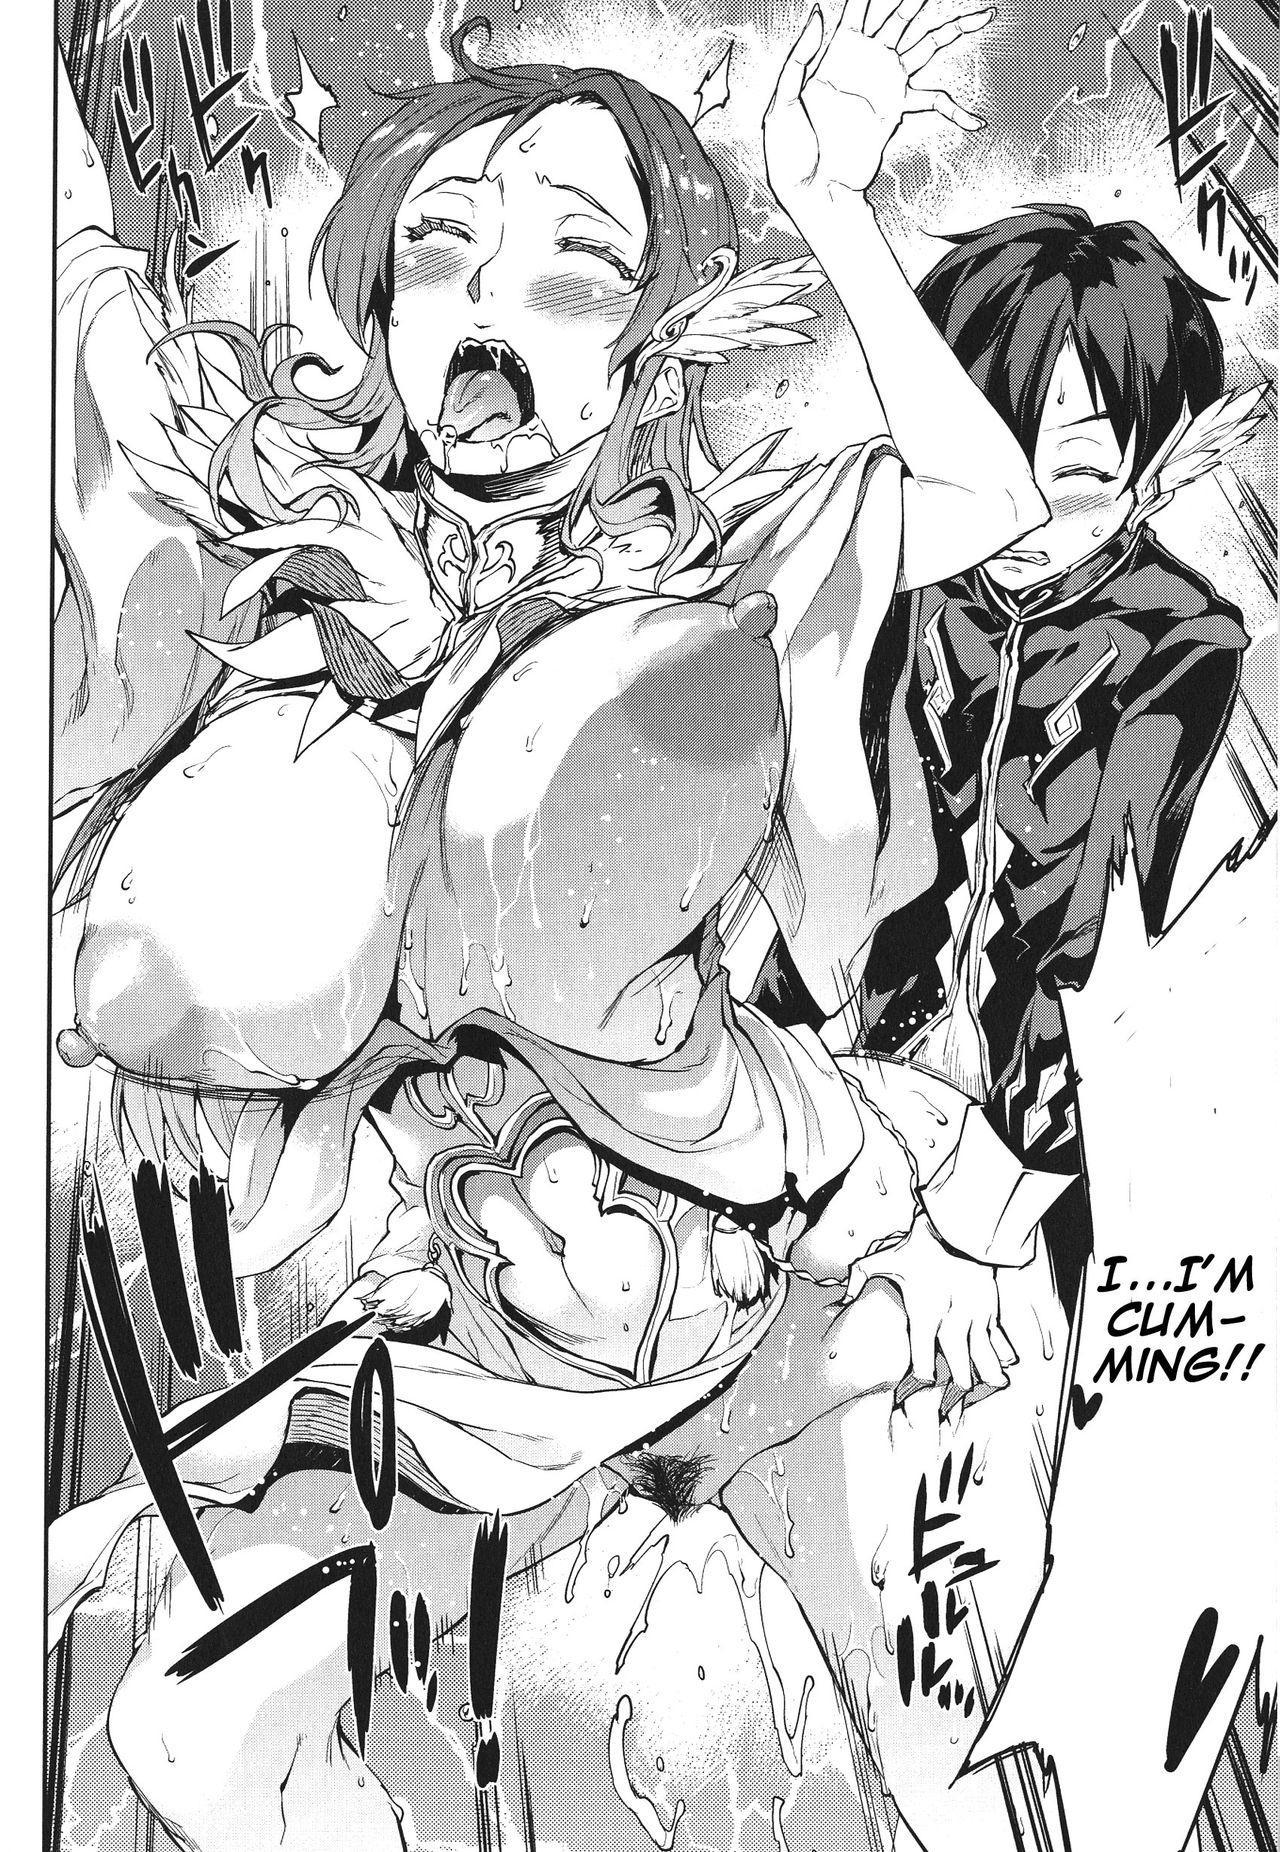 [Erect Sawaru] Raikou Shinki Igis Magia -PANDRA saga 3rd ignition- Ch. 1-5 [English] [CGrascal] 77